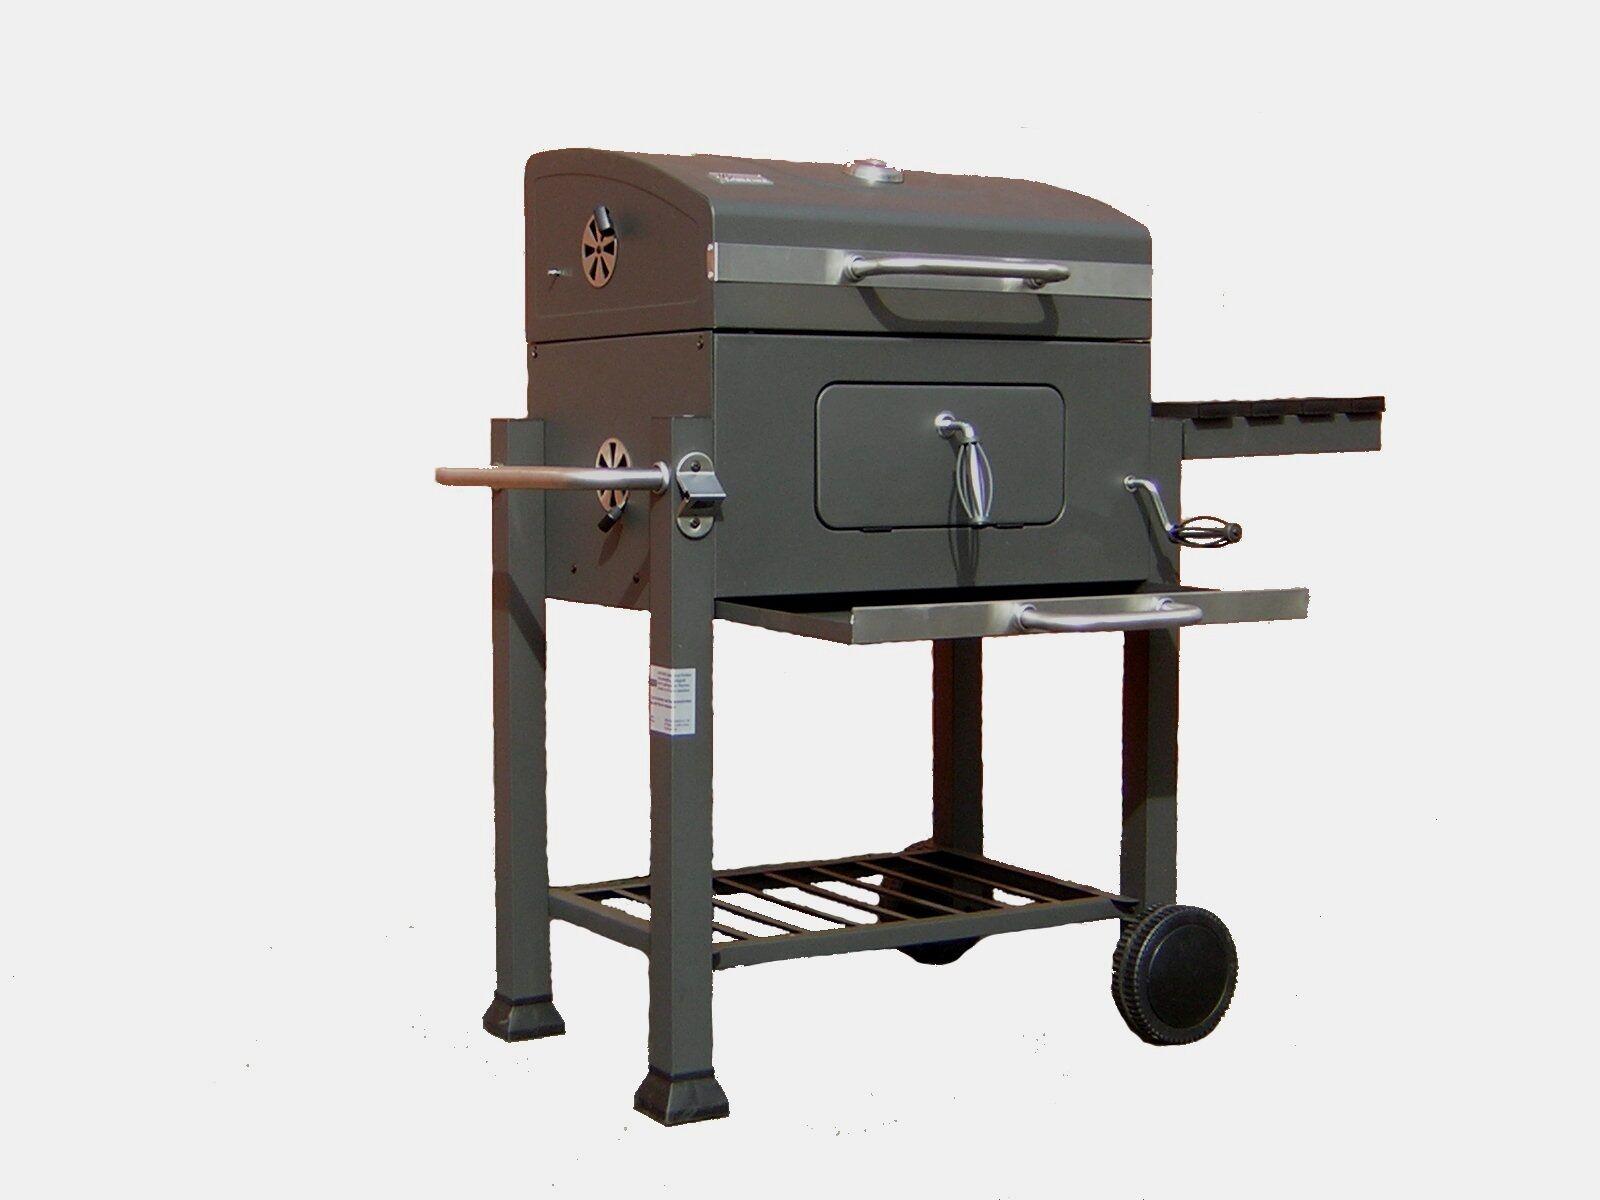 Test Gasgrill North Bay : Mr gardener grill test vergleich mr gardener grill günstig kaufen!